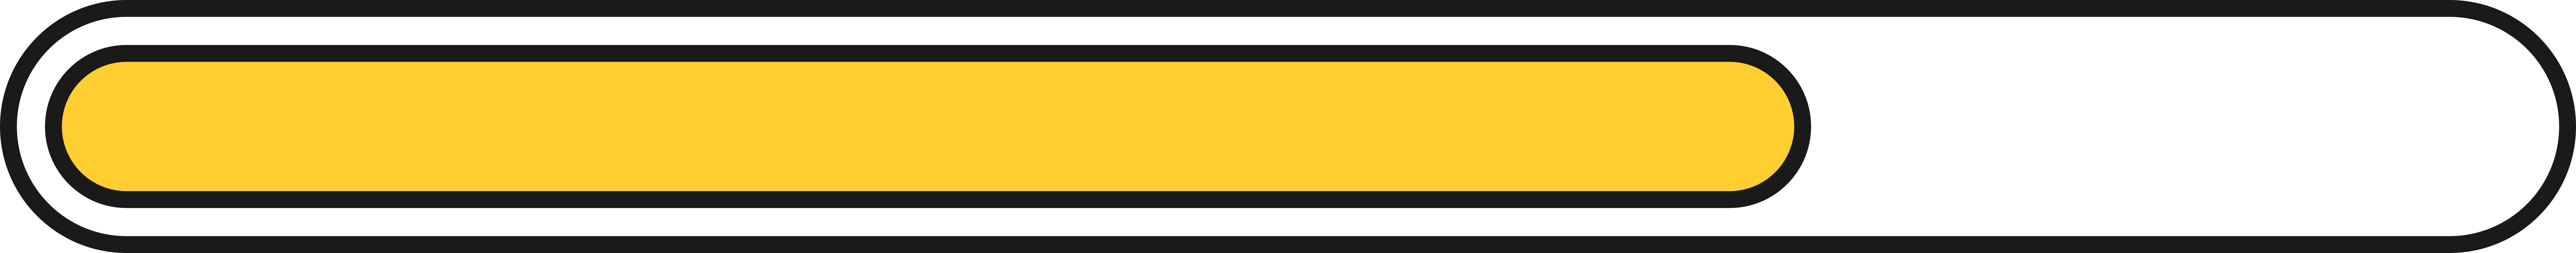 progress loading bar Clipart illustration in PNG, SVG